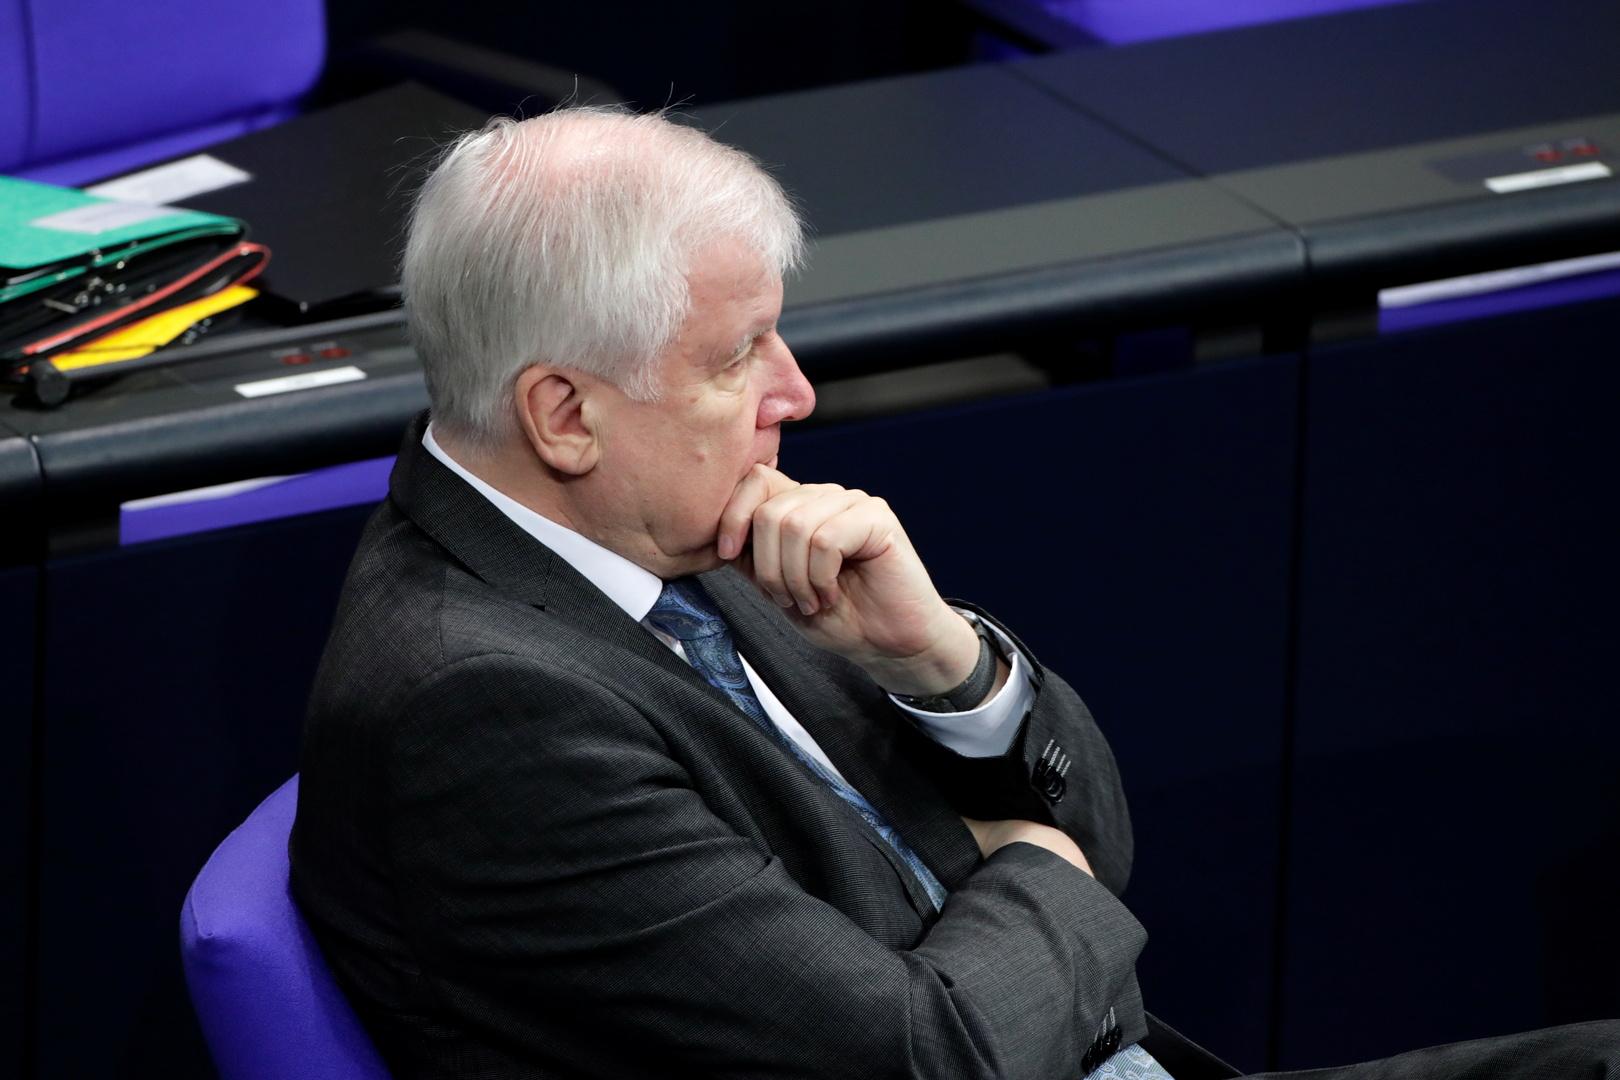 وزير الداخلية الألماني: وقف الترحيل إلى سوريا يجب ألا ينطبق على المجرمين